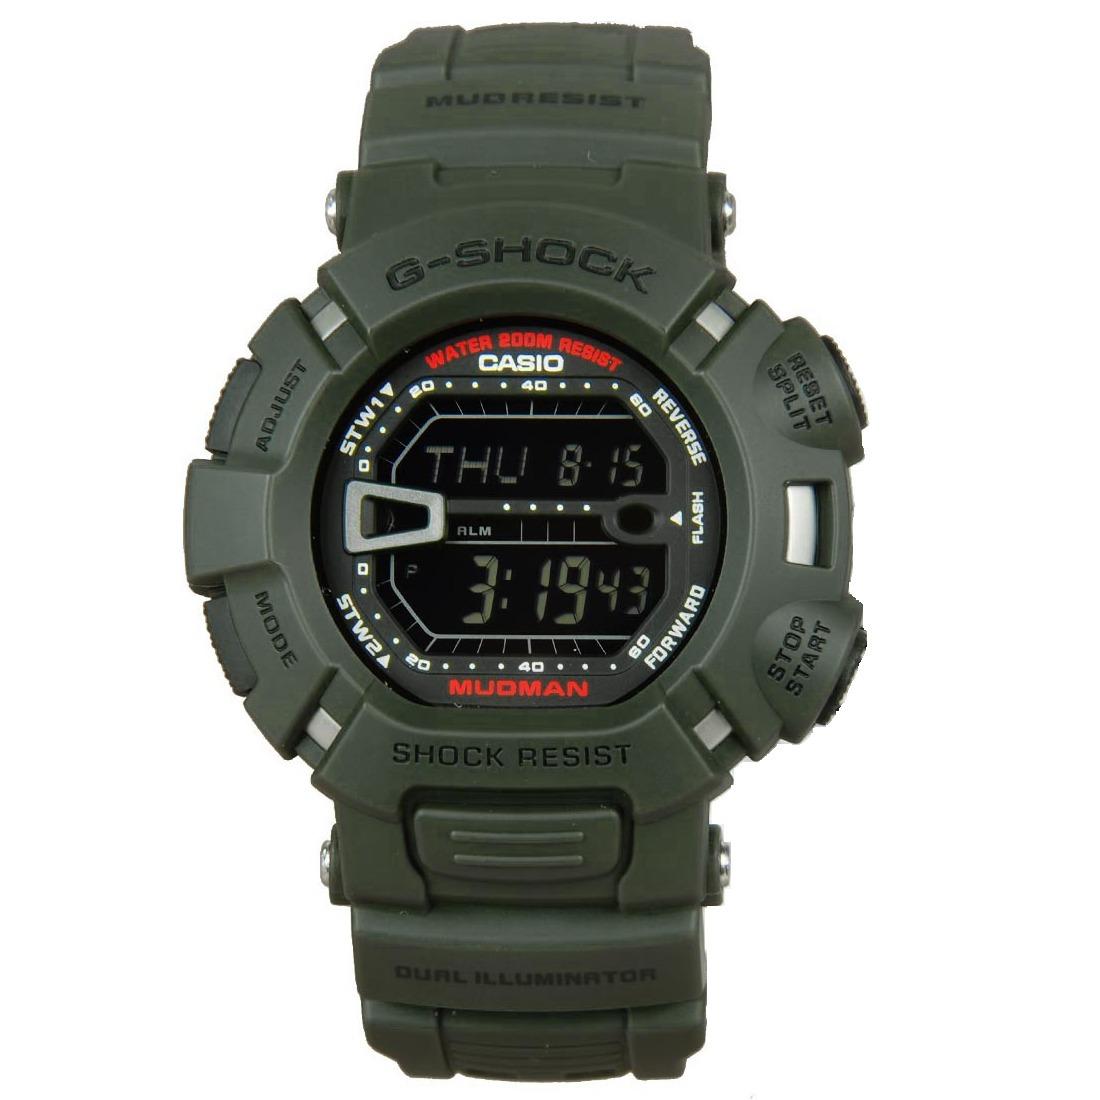 9005d231d2fb Cargando zoom... reloj casio g shock g-9000-3vdr sumergible 200 metros  hombre